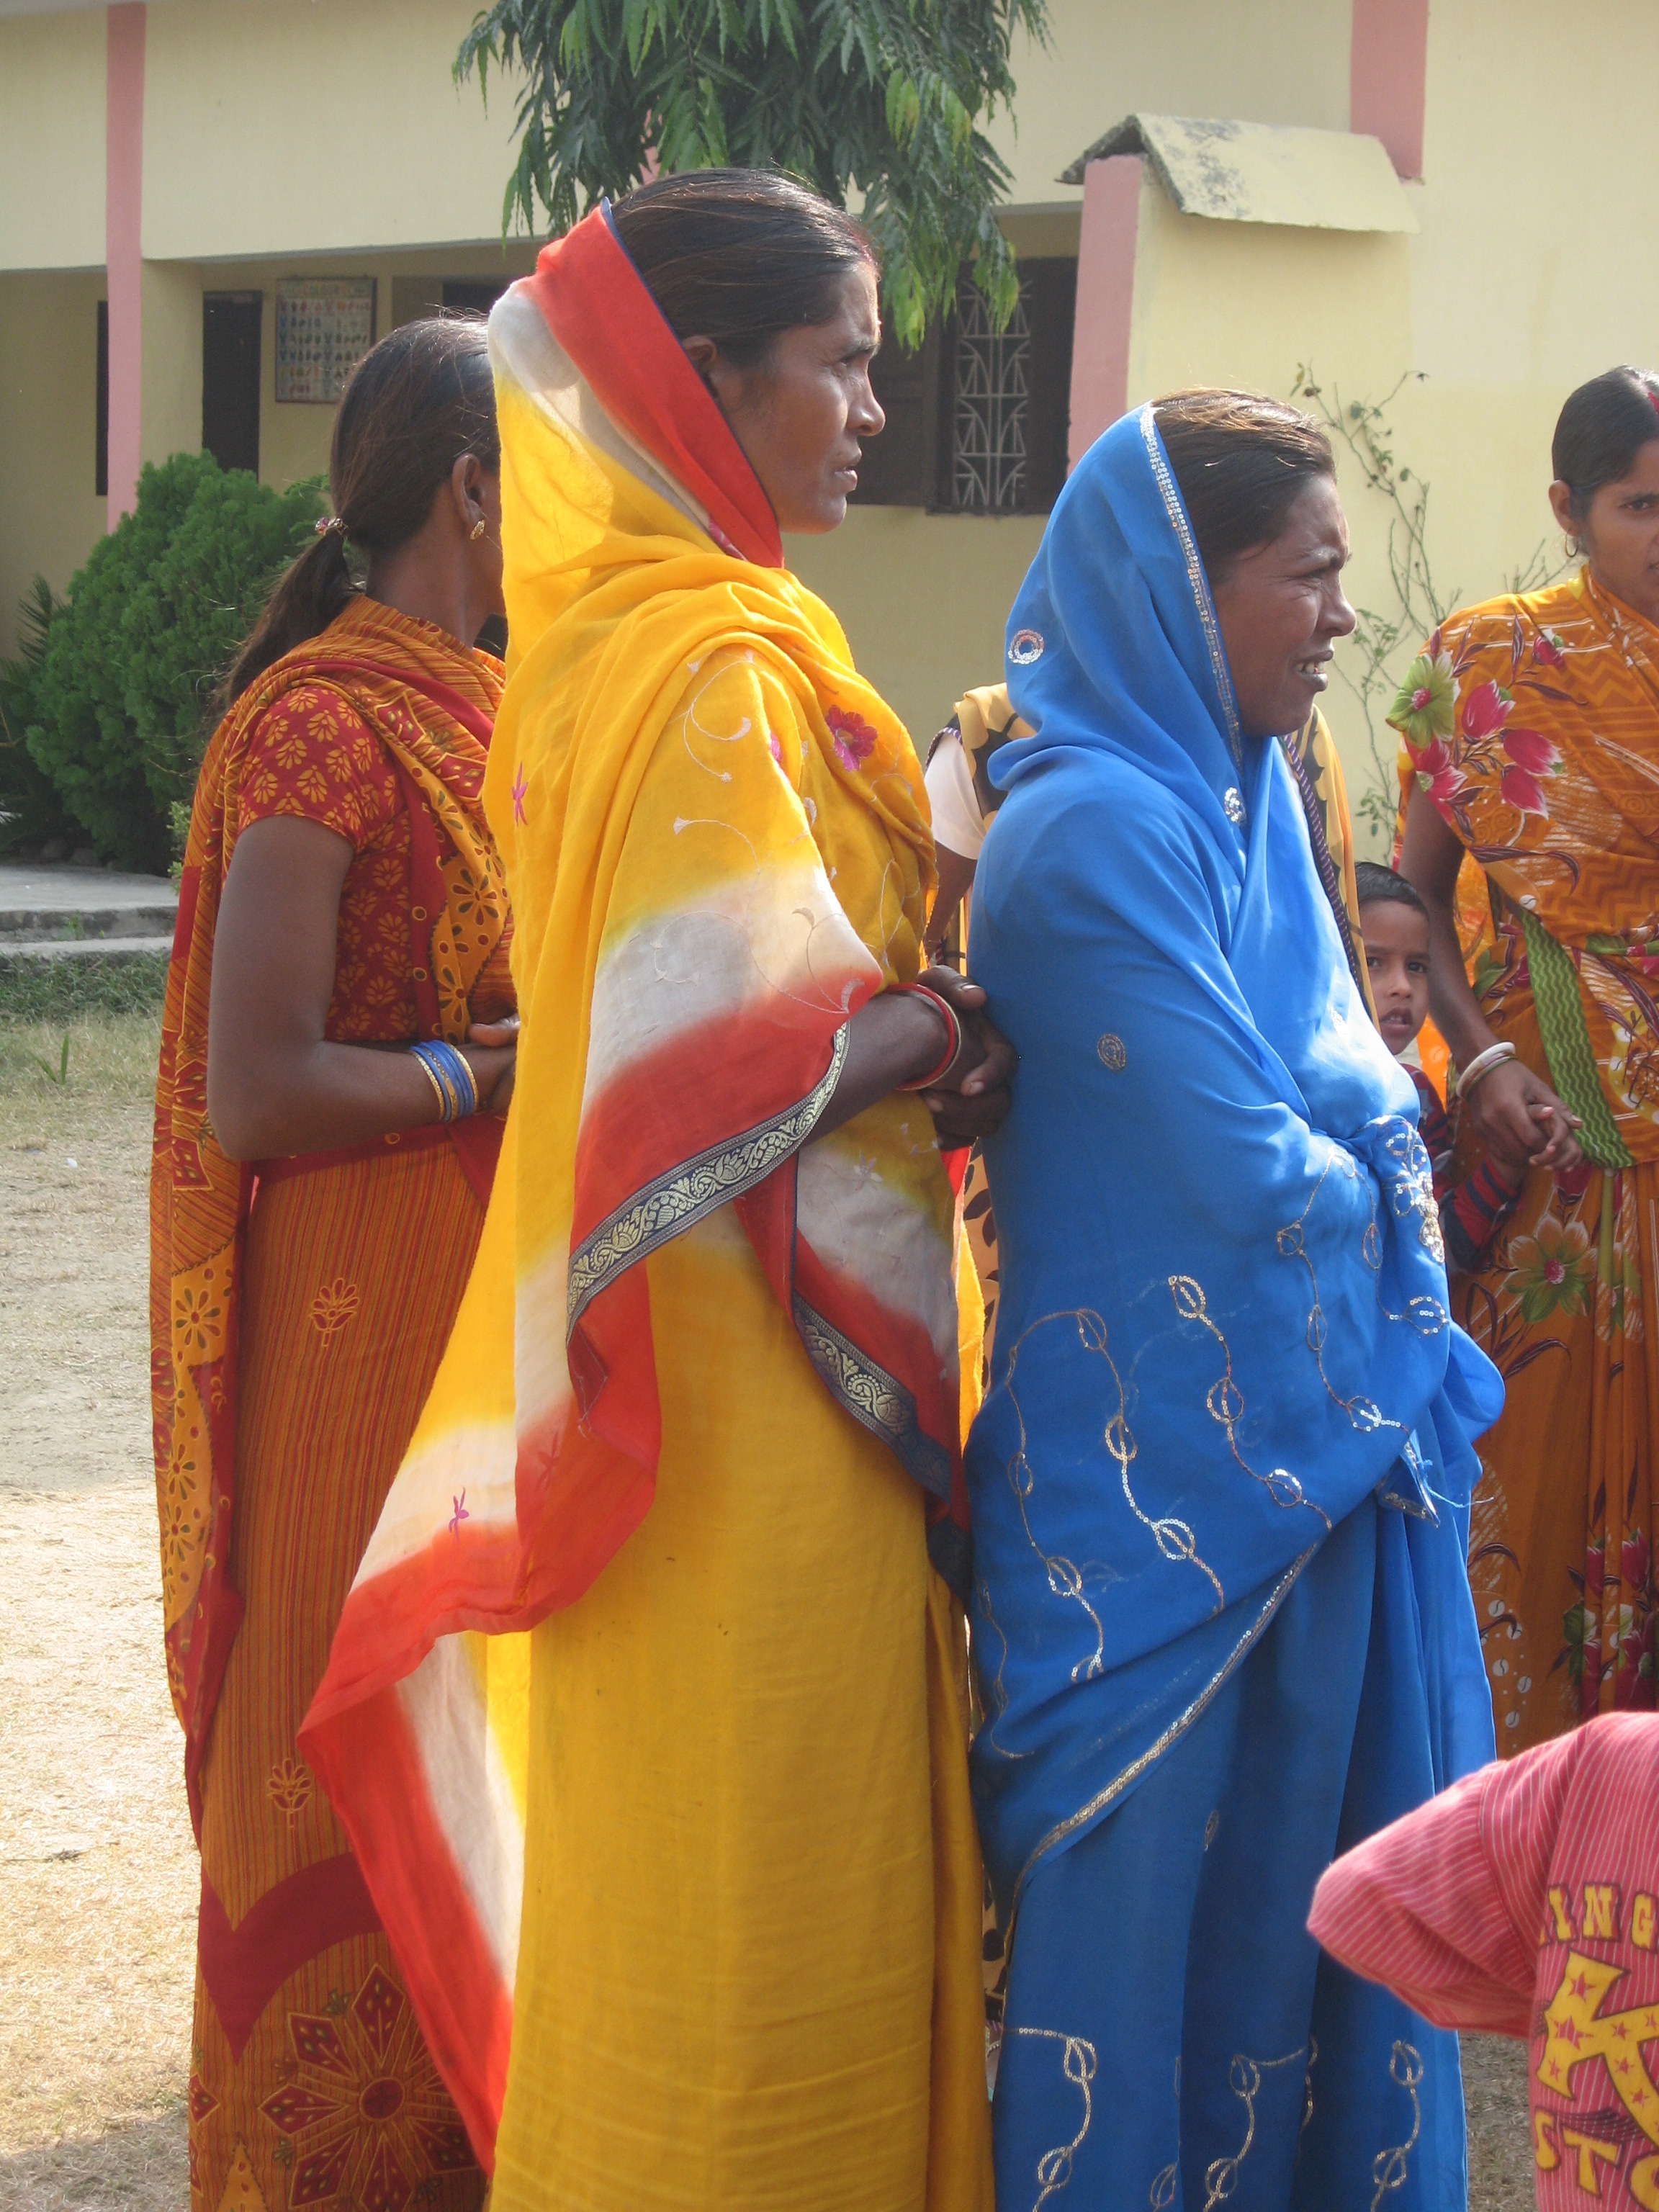 Symphonie des femmes en saris multicolores